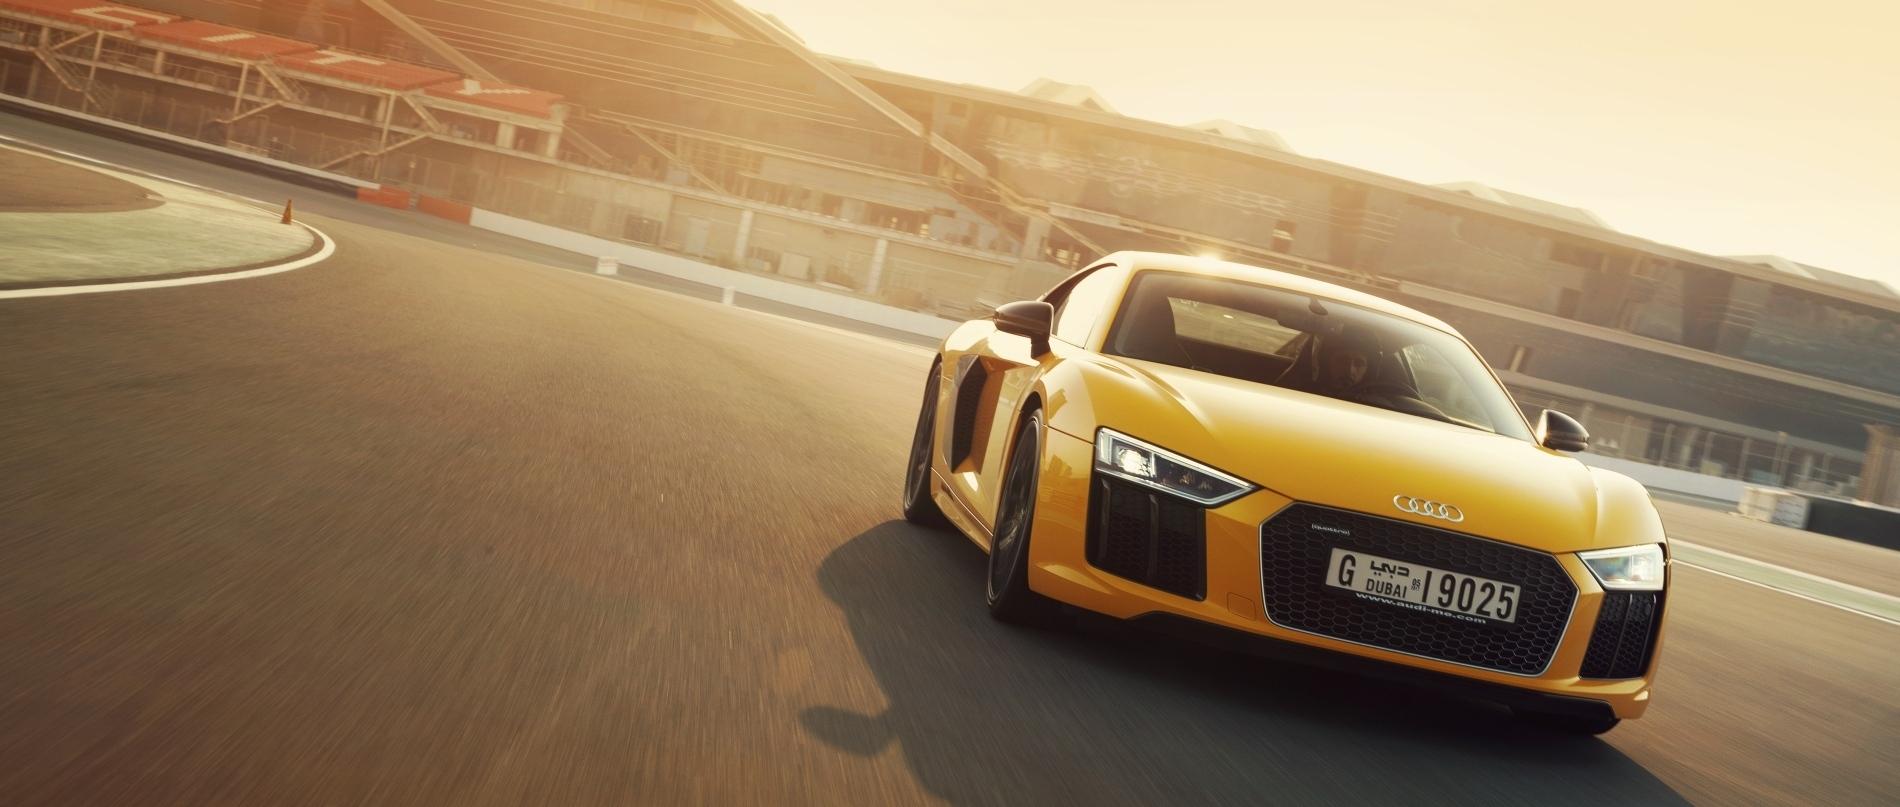 Kekurangan Audi Driving Experience Perbandingan Harga